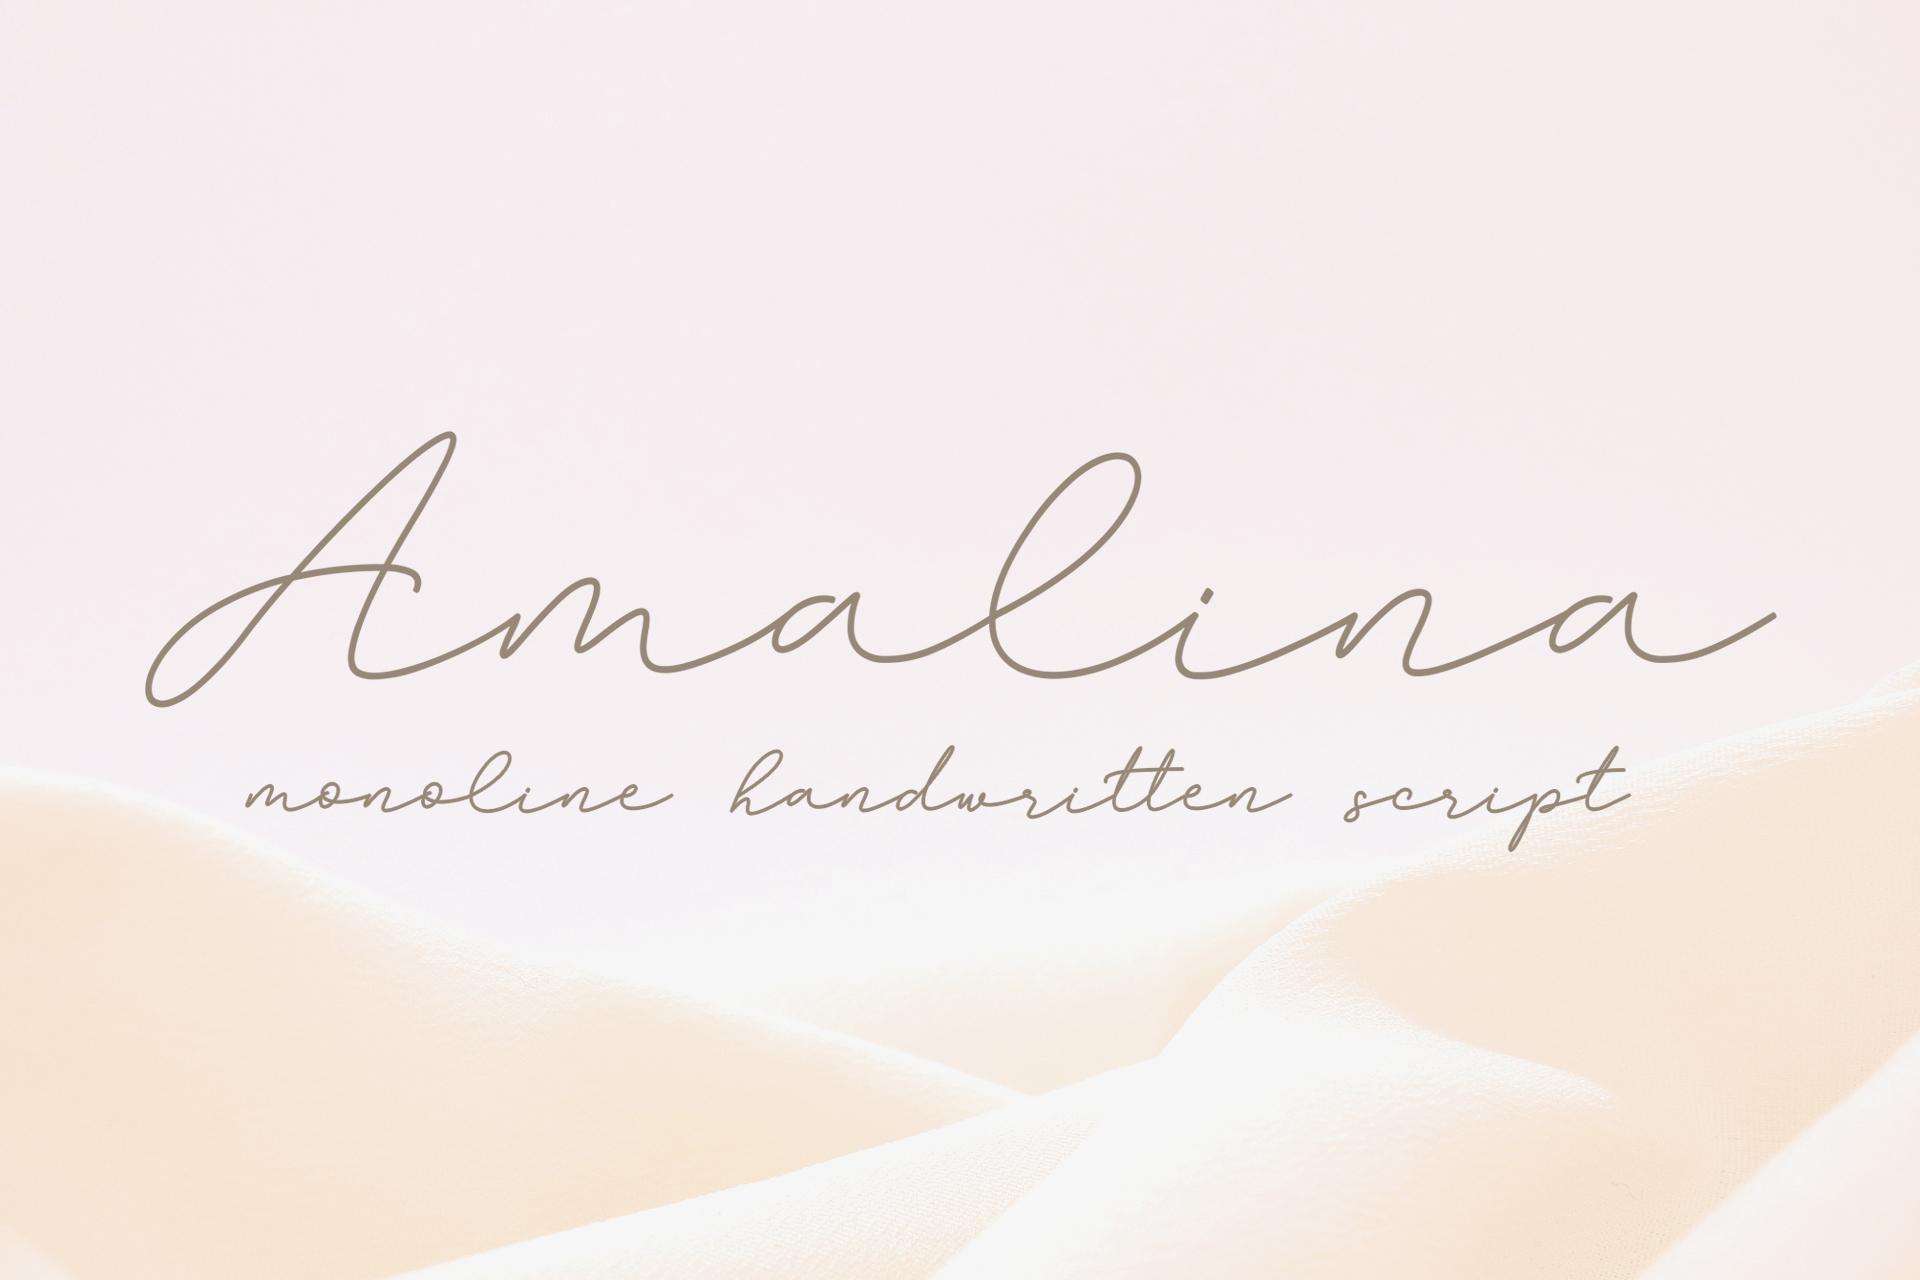 Amalina Monoline Script Font example image 1